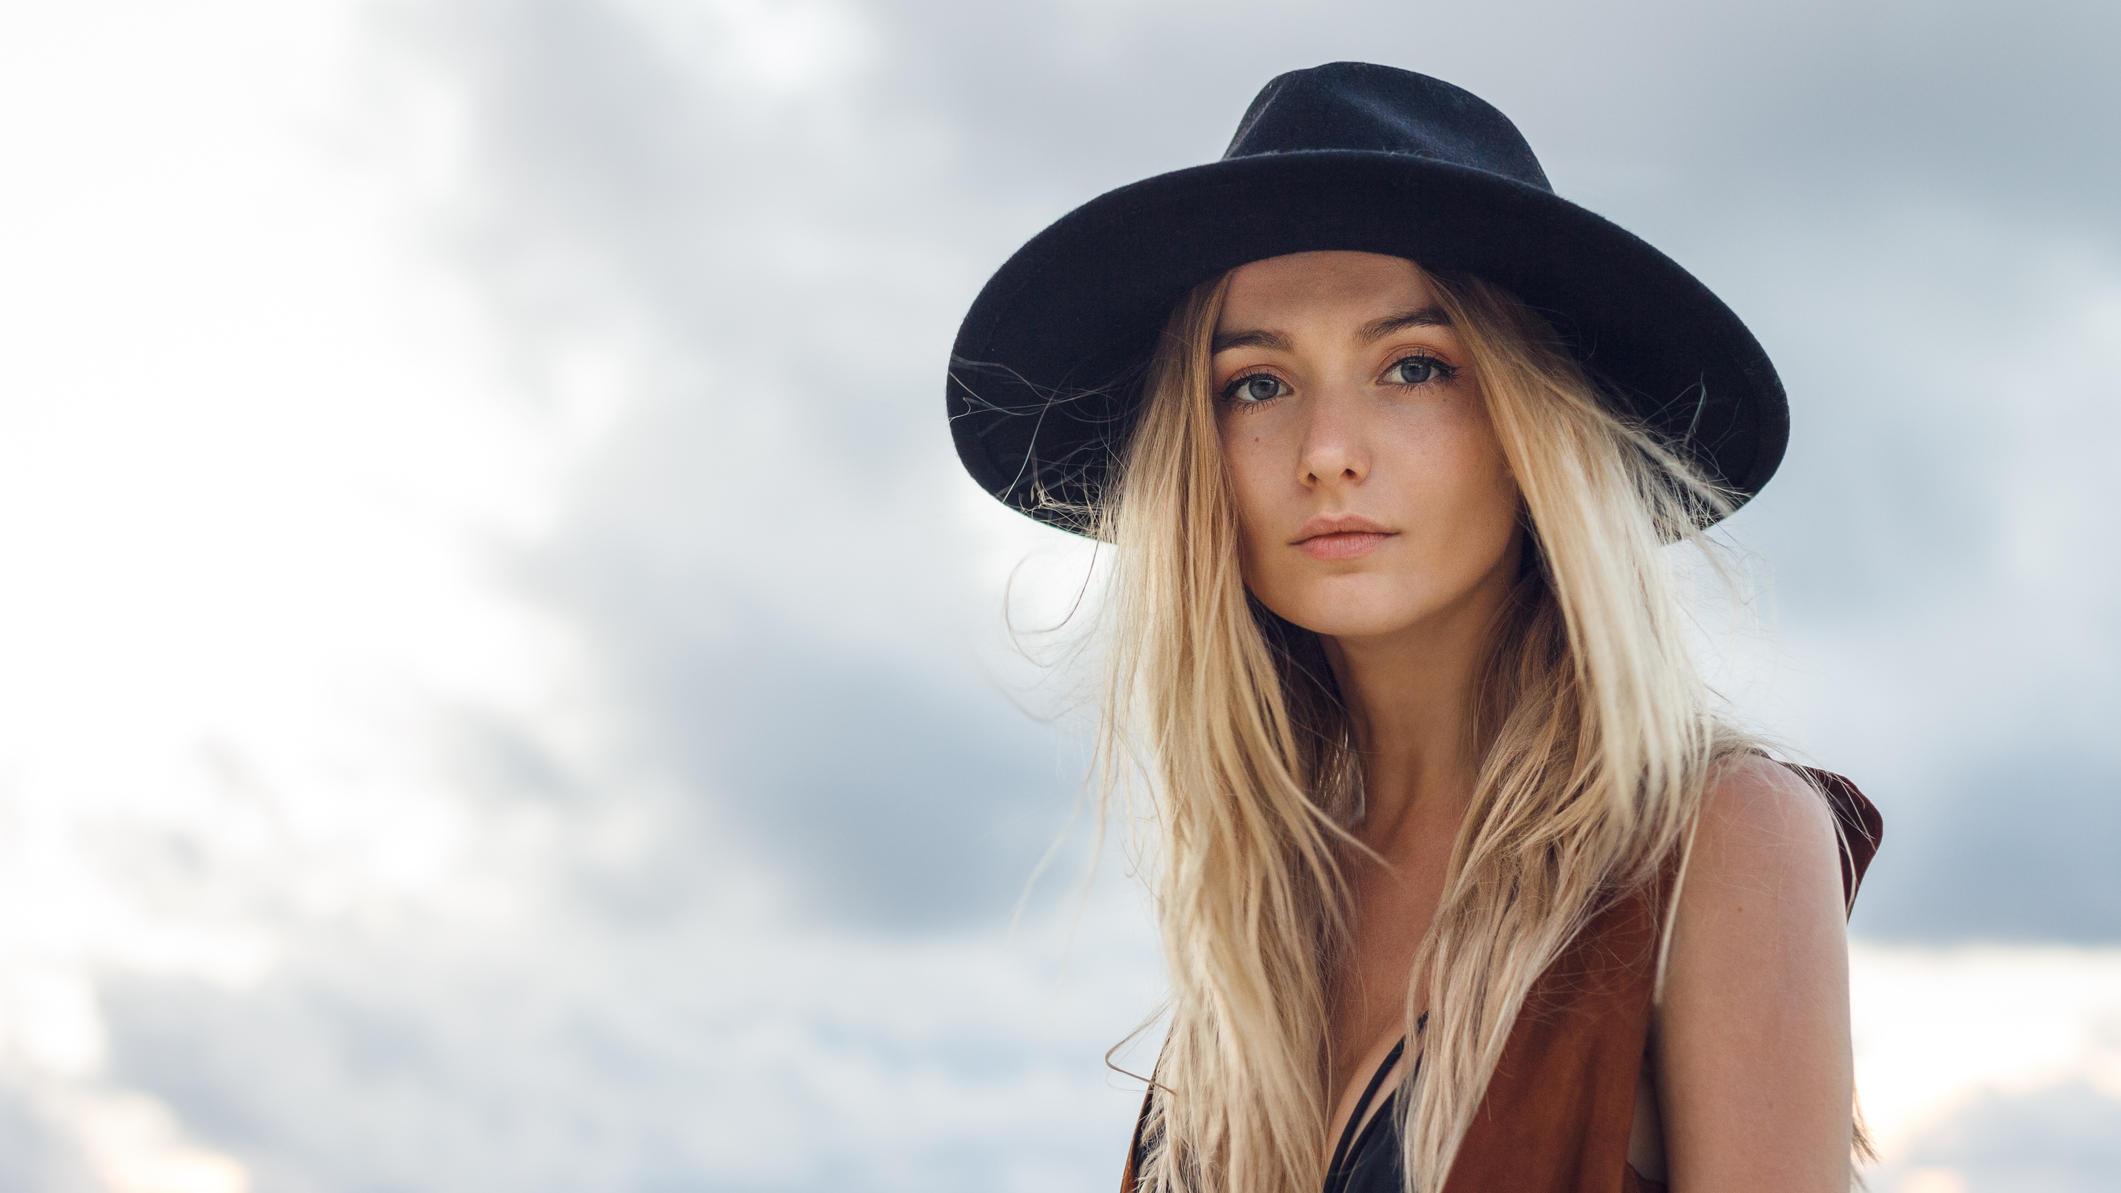 Langhaarfrisuren Die Schönsten Looks Für Lange Haare